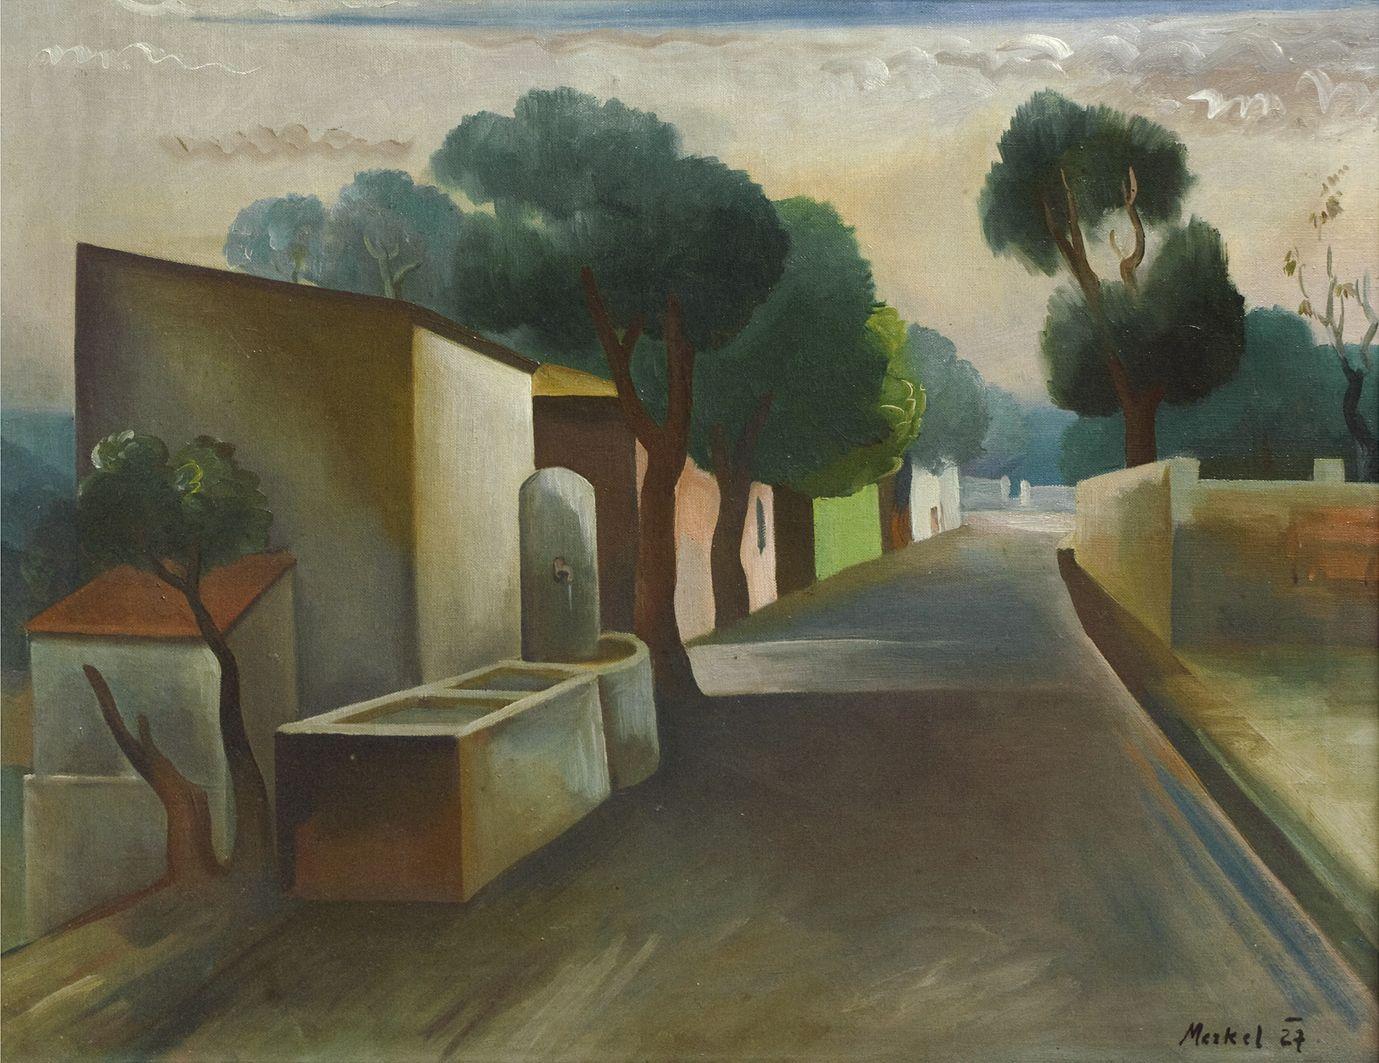 Єжи Меркель. Дорога, 1927; олія, полотно; ЛНГМ